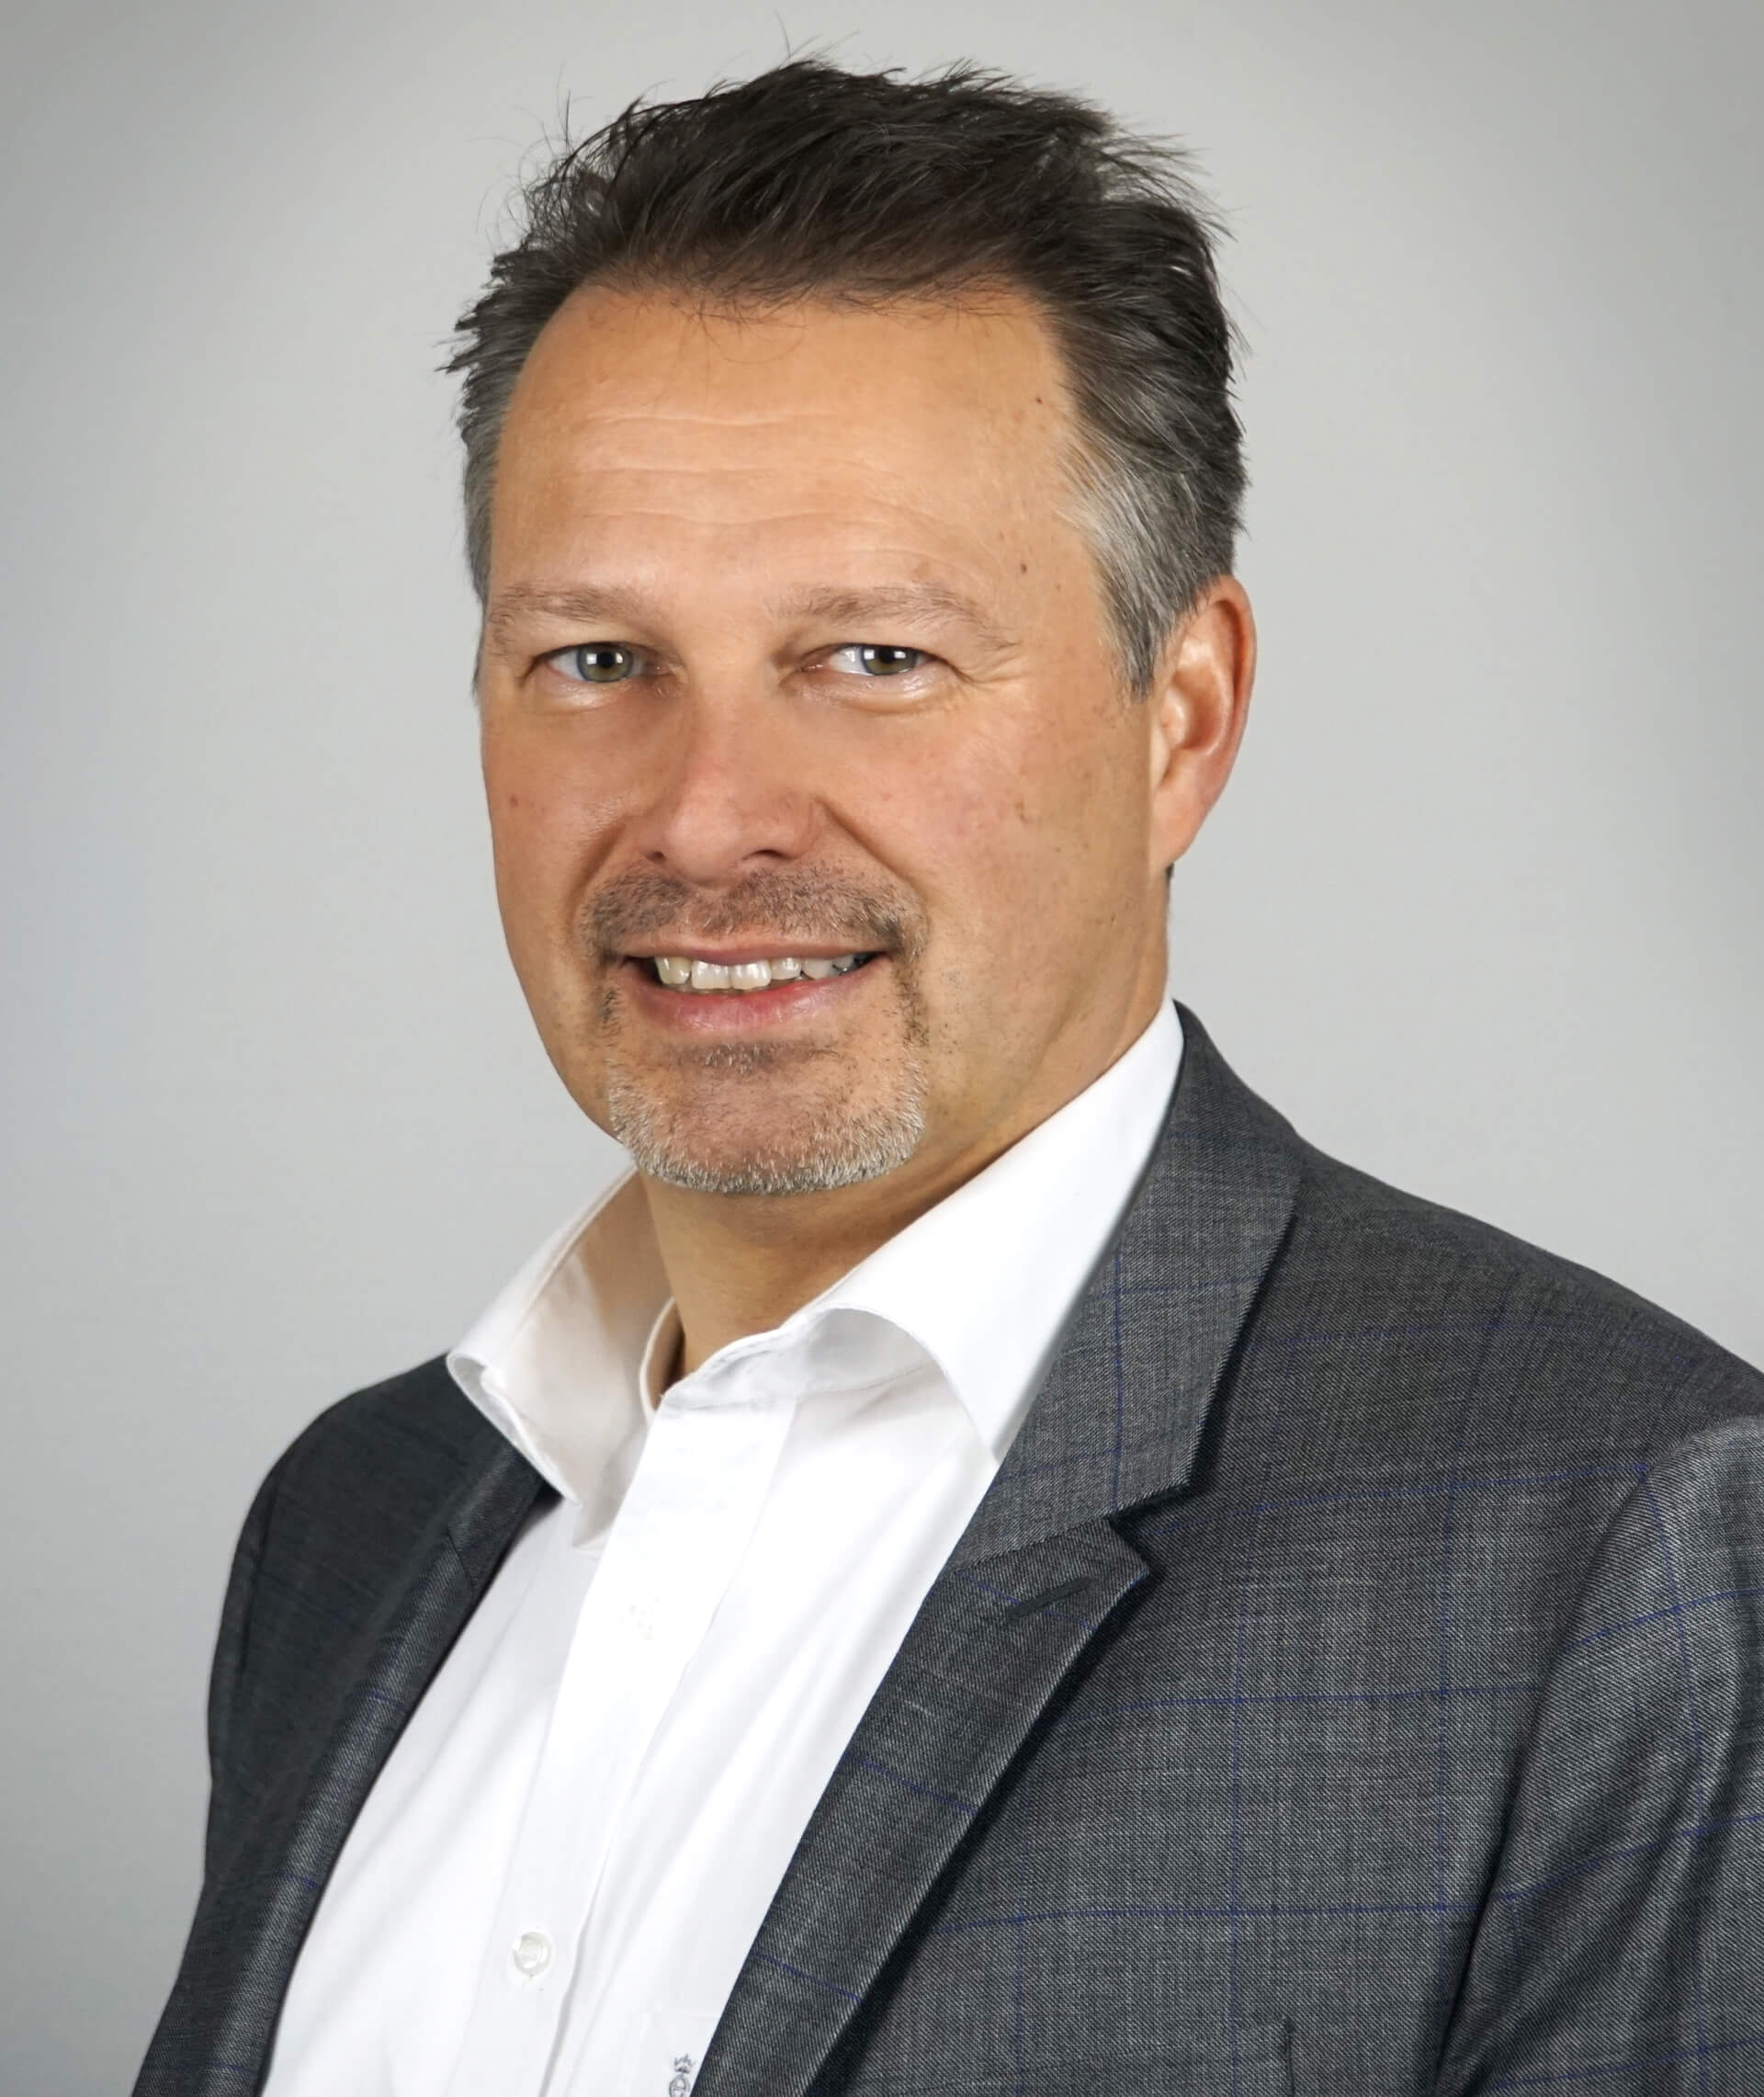 Olav Stich von der Knieps & Komm GmbH